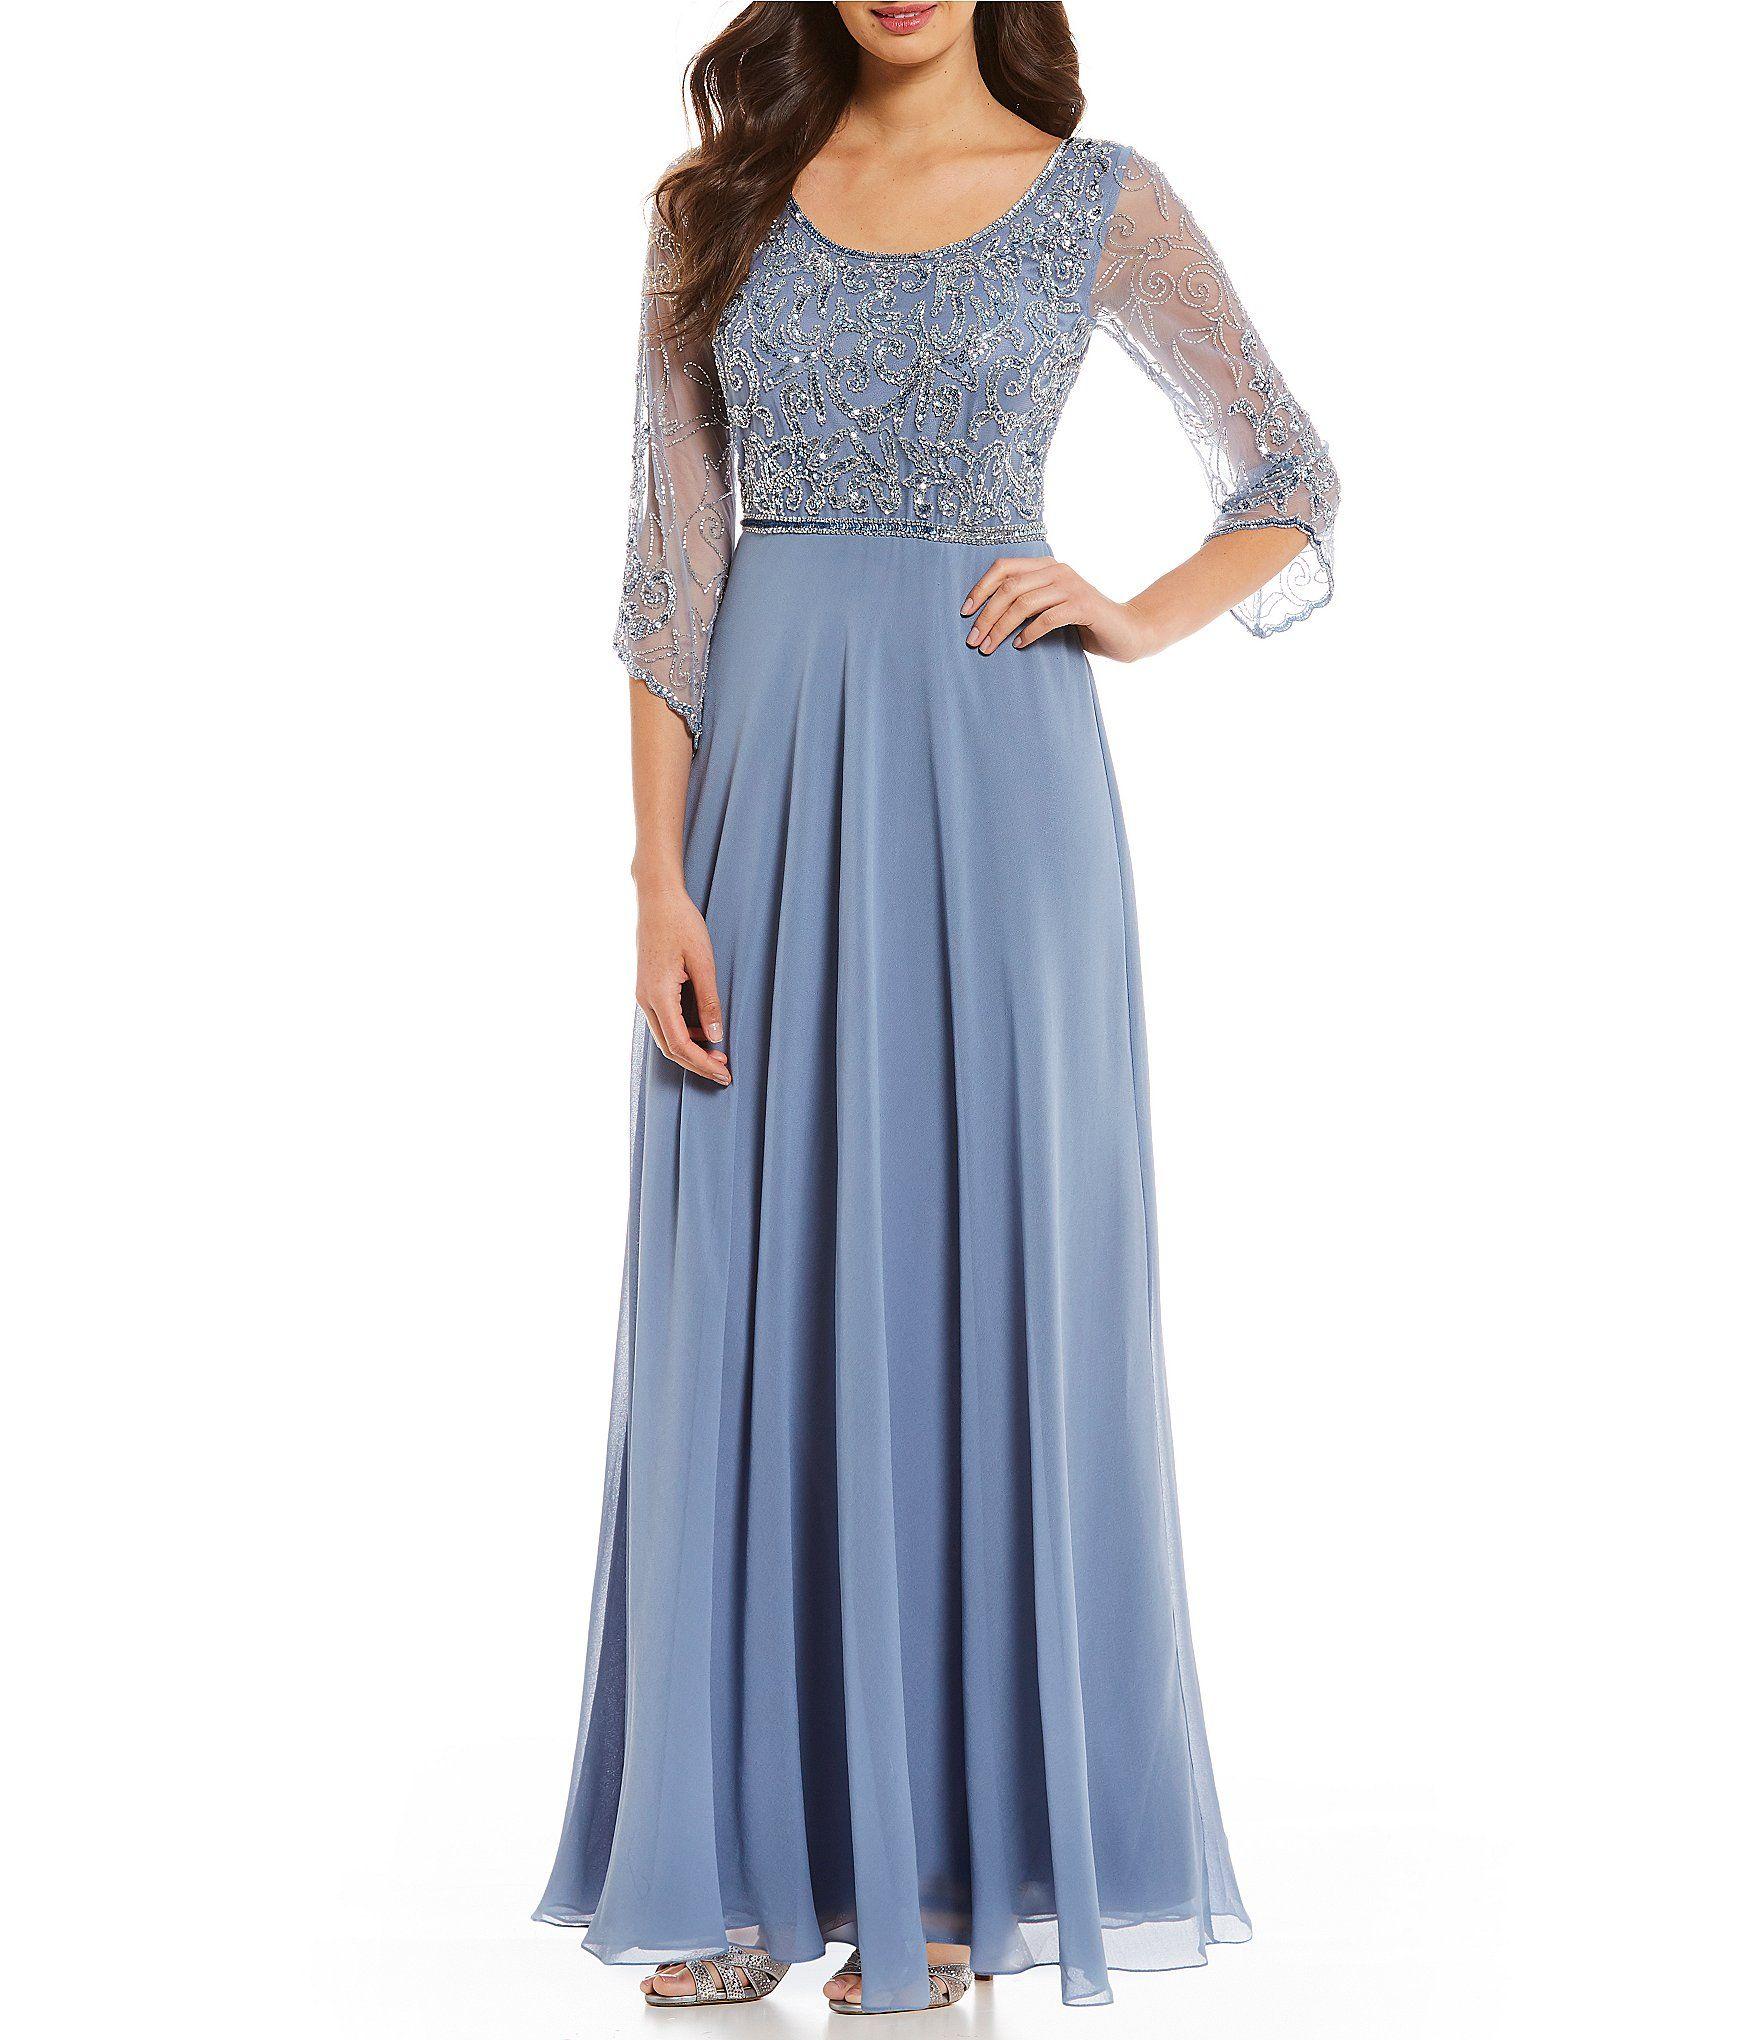 51712dba42 Jkara Petite Scoop Neck Sequin Beaded Bodice Gown  Dillards ...